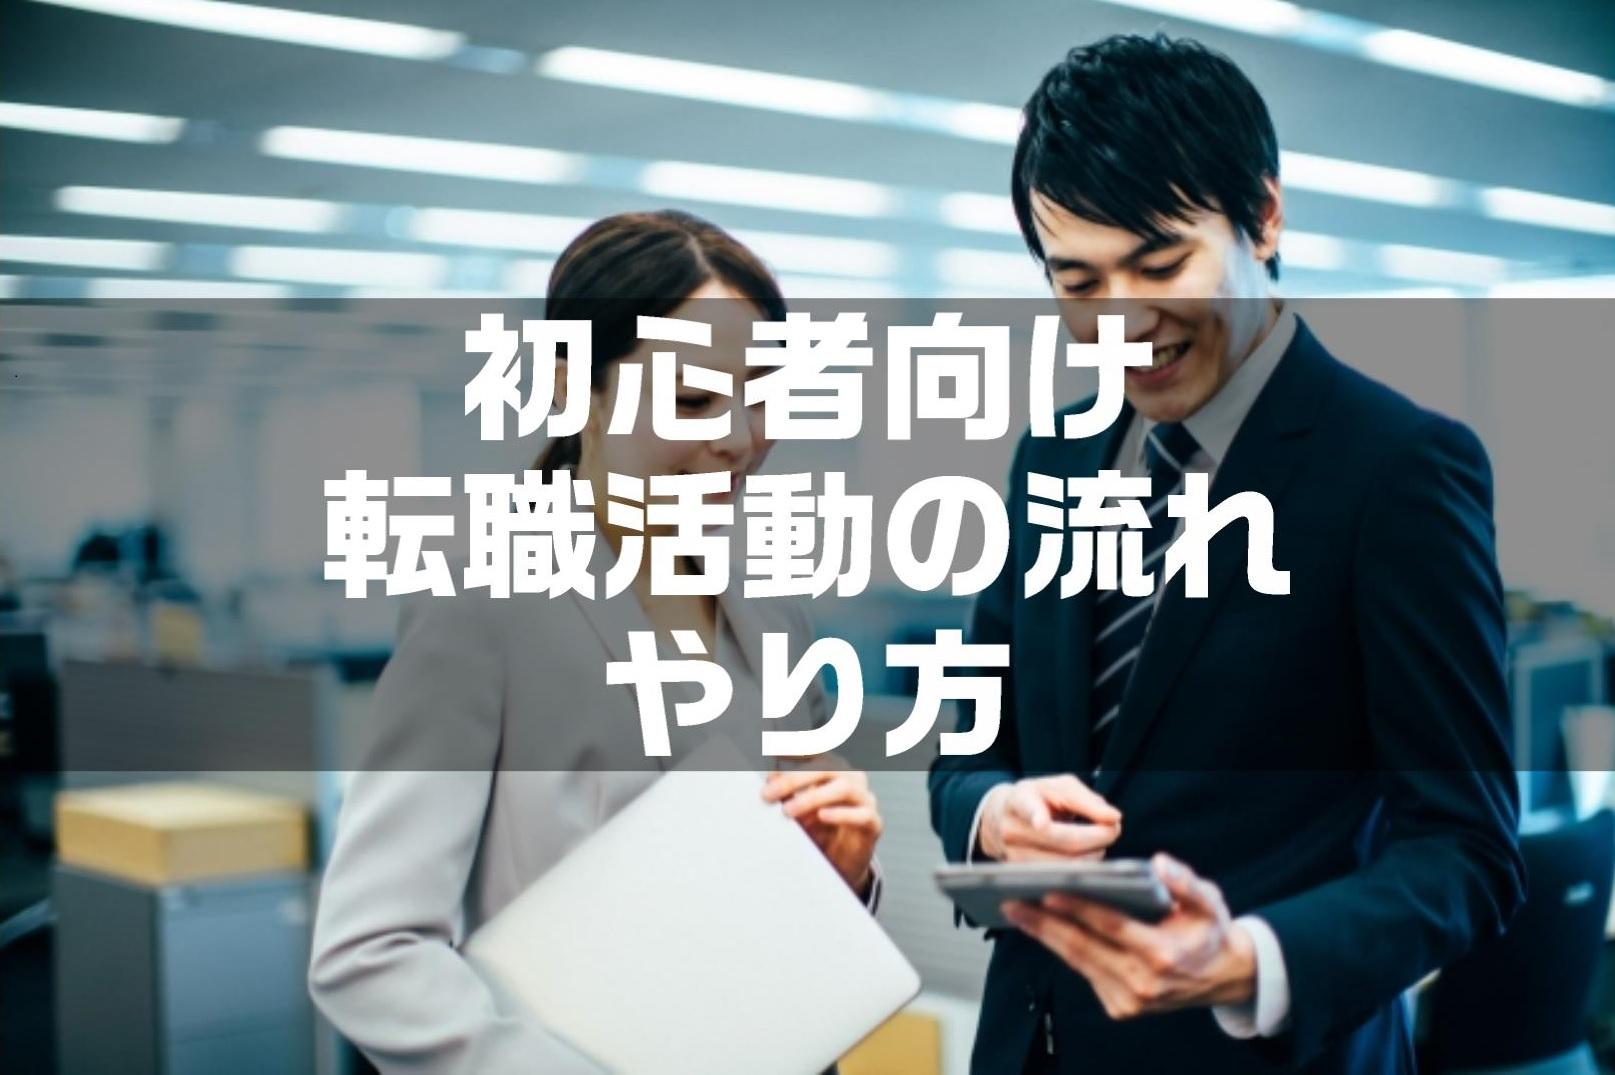 【初心者向け】転職活動の流れとやり方